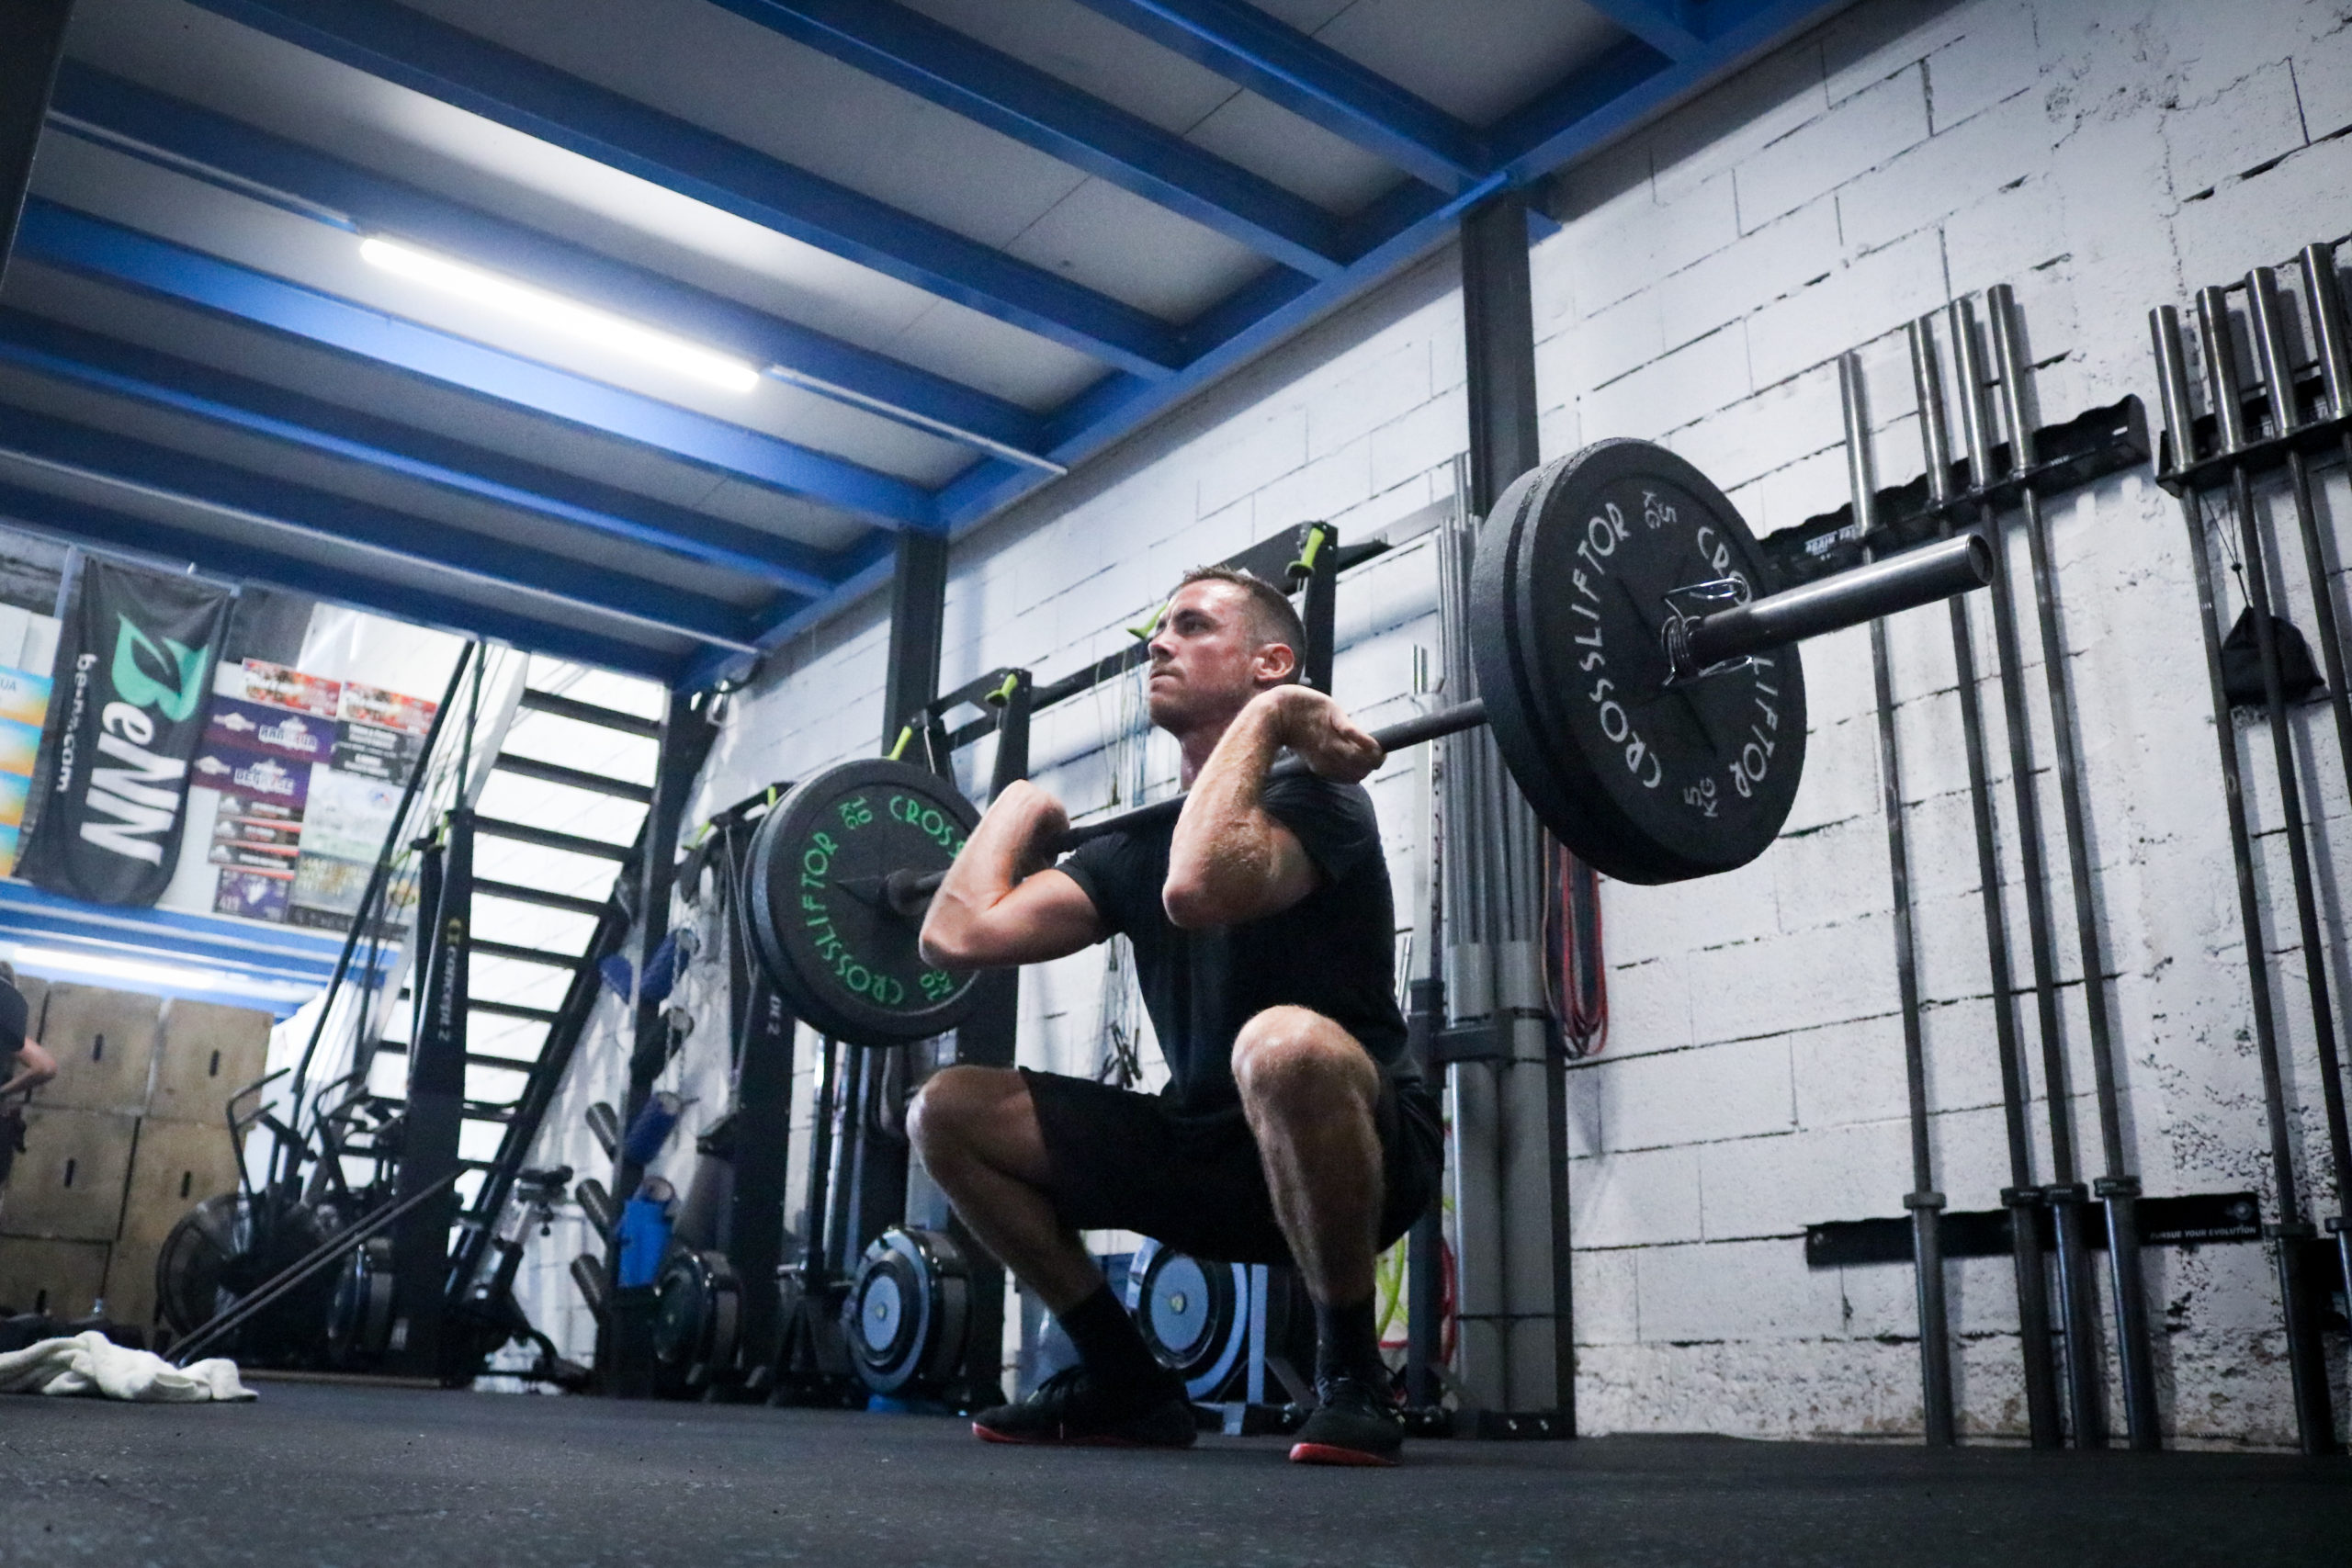 CrossFit & compétition plaisir pour Jérémy